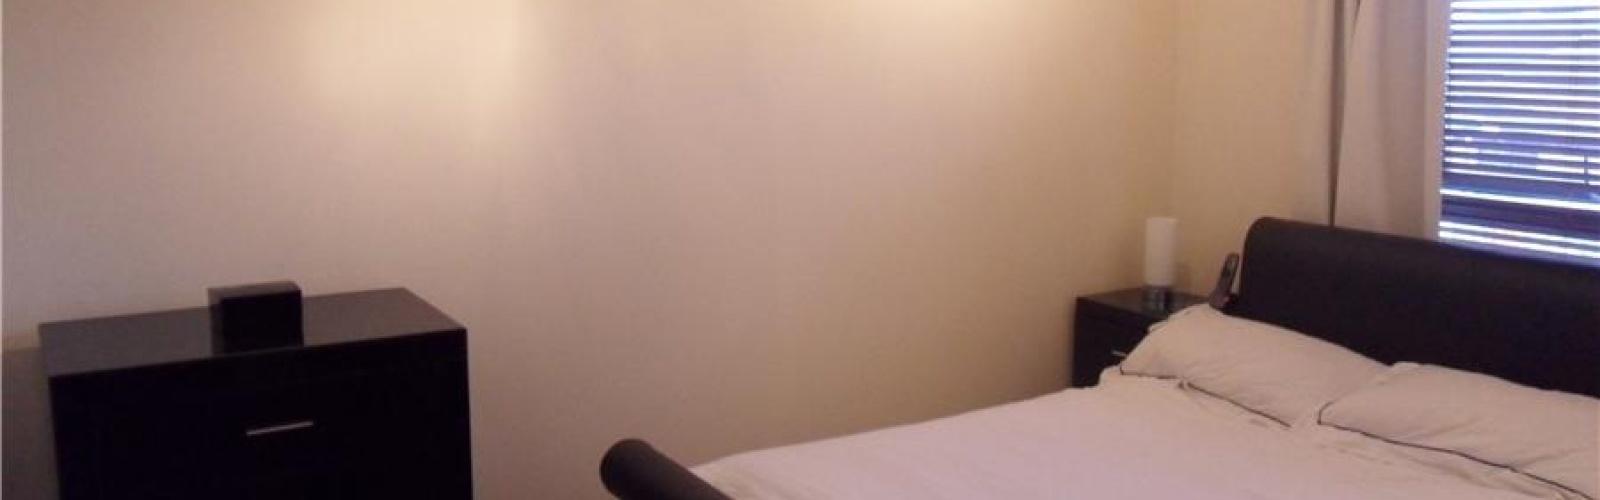 1 Bedroom Bedrooms,1 BathroomBathrooms,Flat,1062